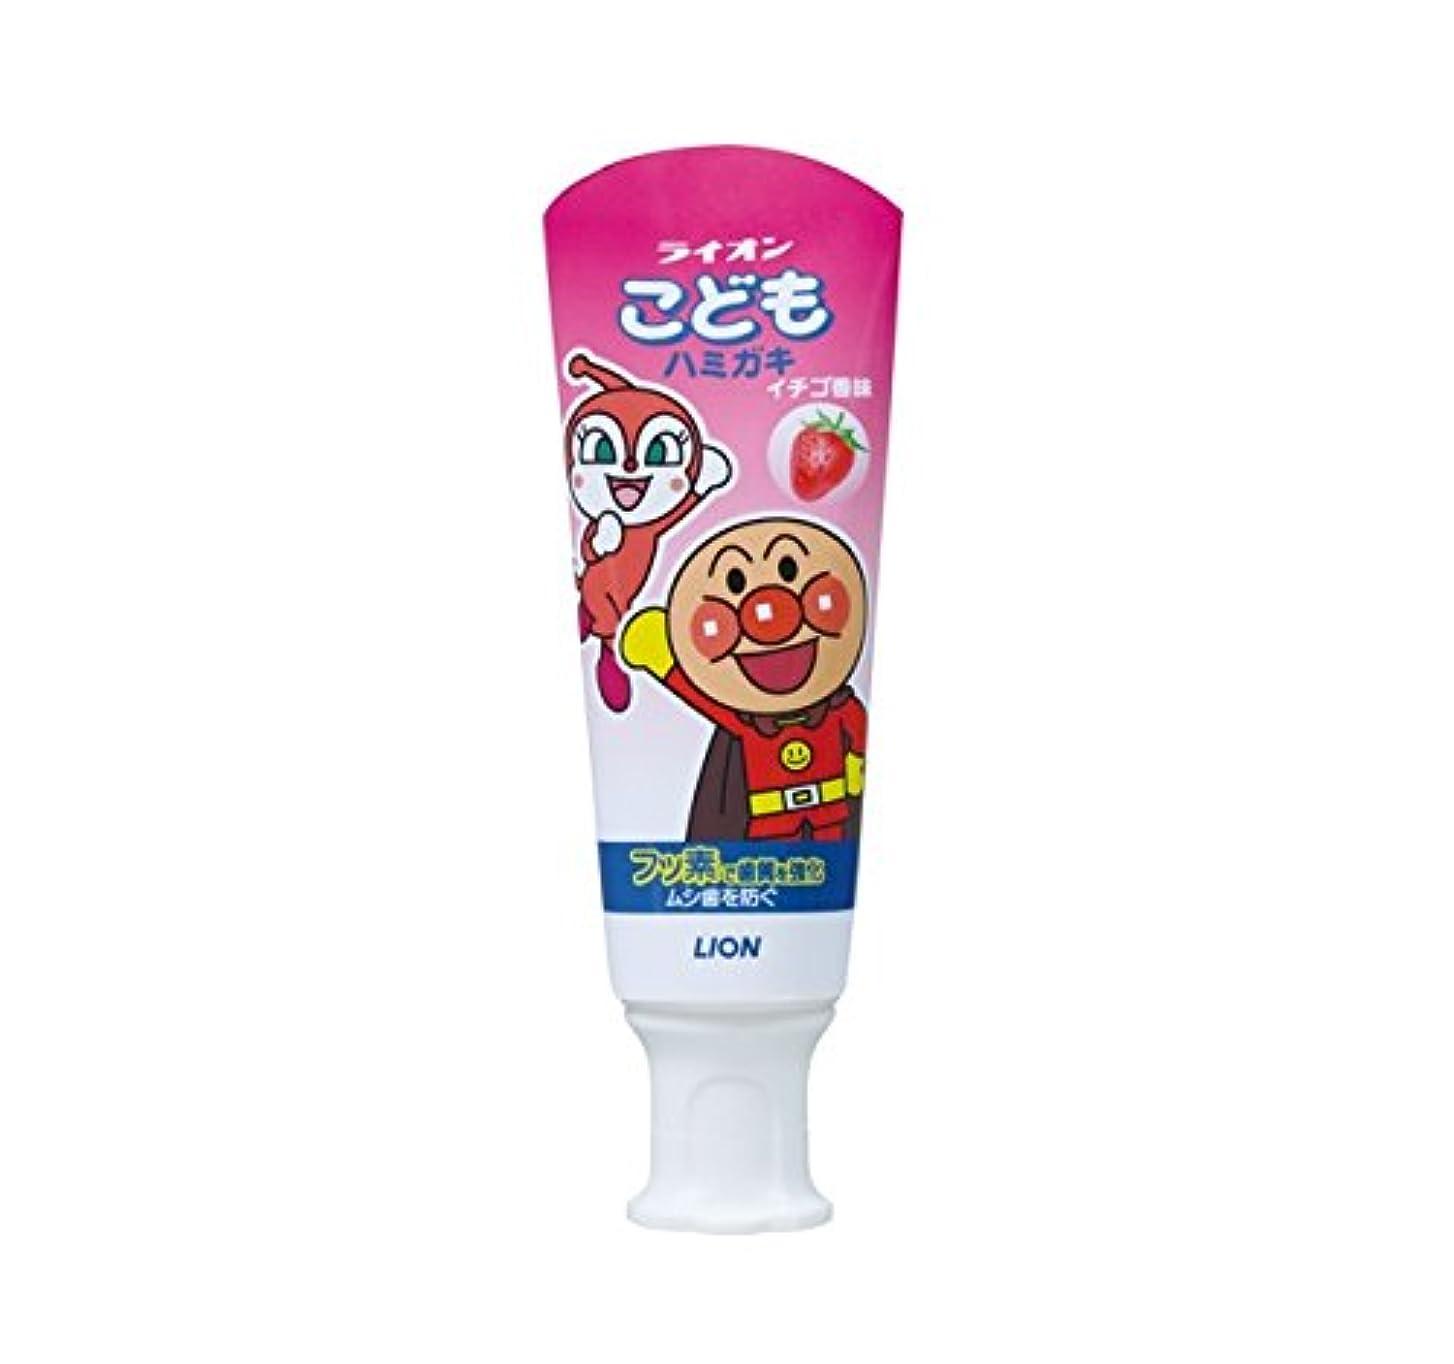 埋める科学促すこどもハミガキ アンパンマン イチゴ香味 40g (医薬部外品)